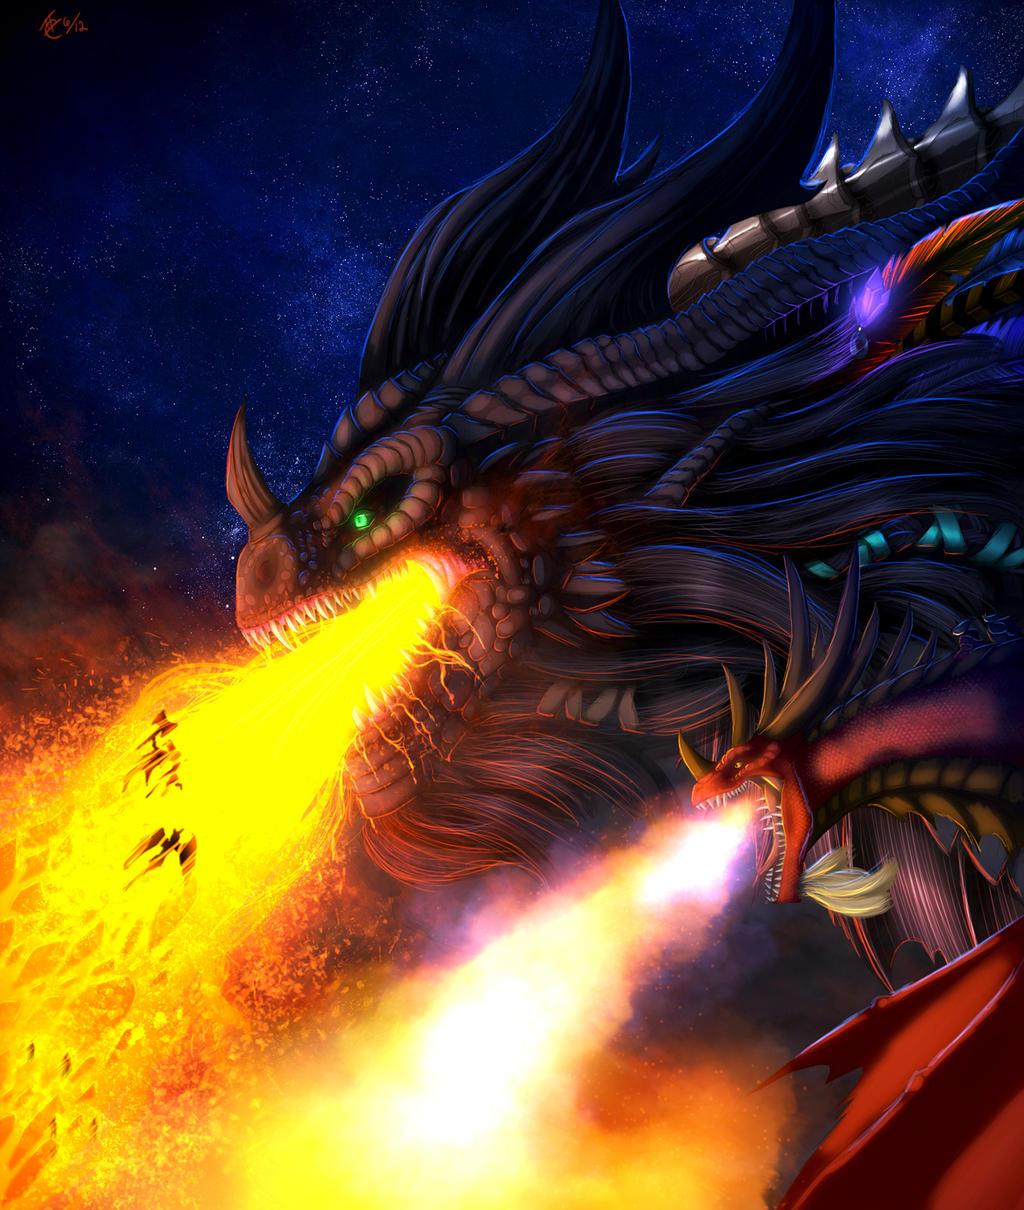 Burning the Burning Legion by Ghostwalker2061